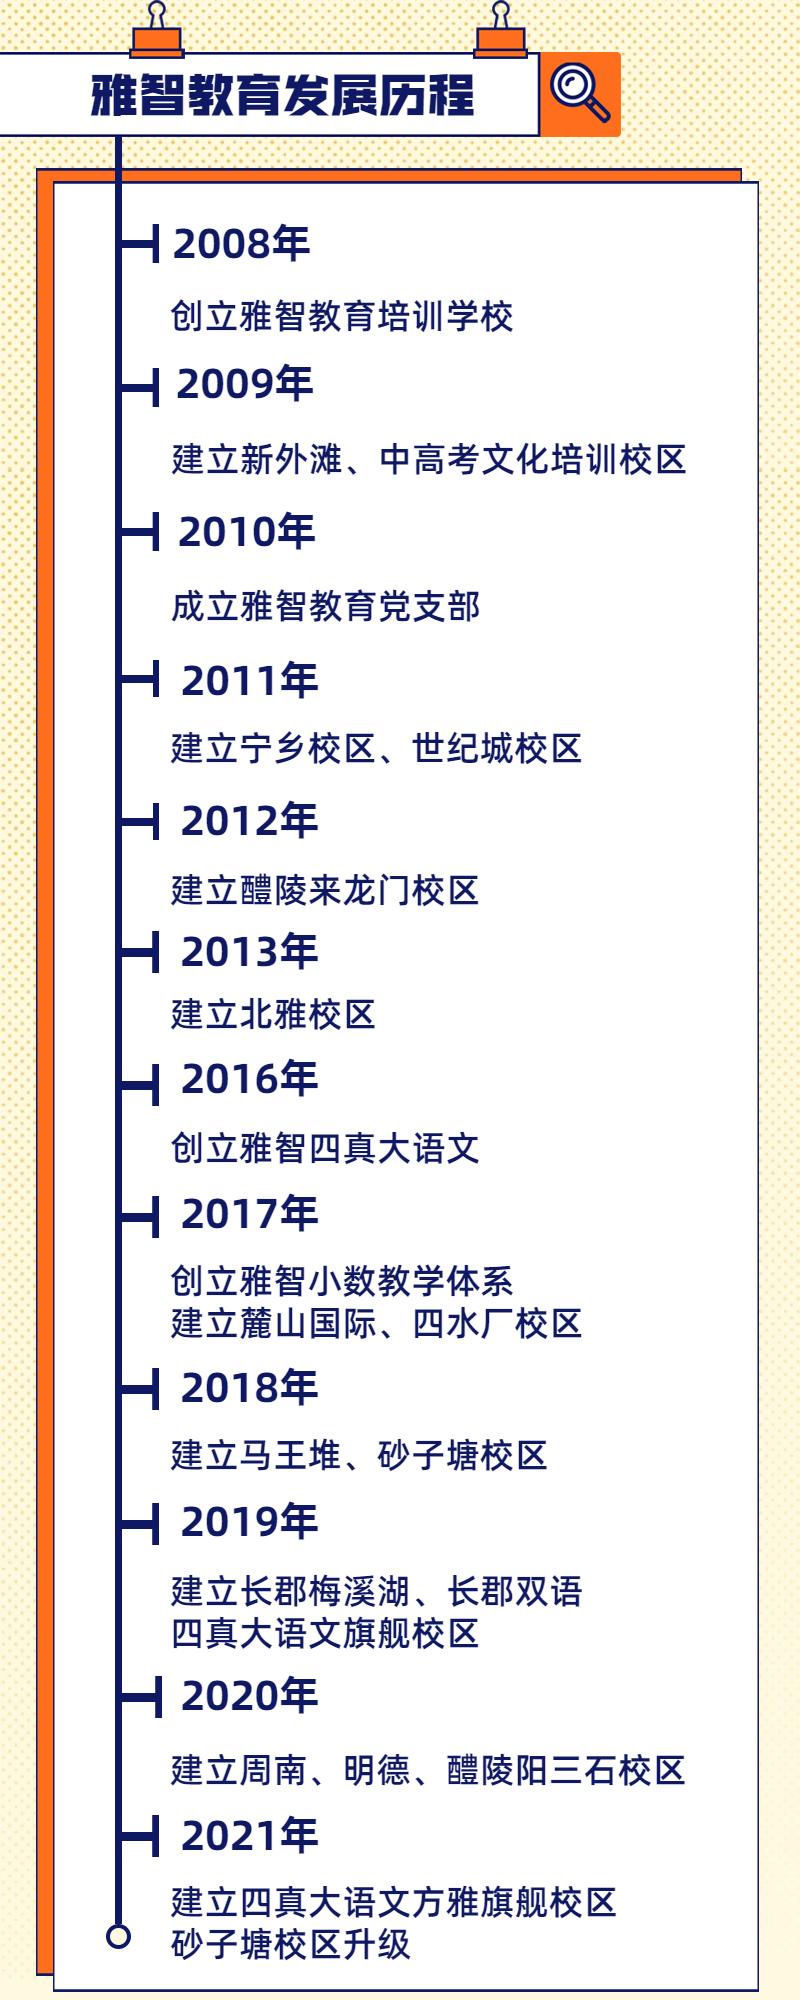 年末回顾年终总结大事件时间轴(1).png